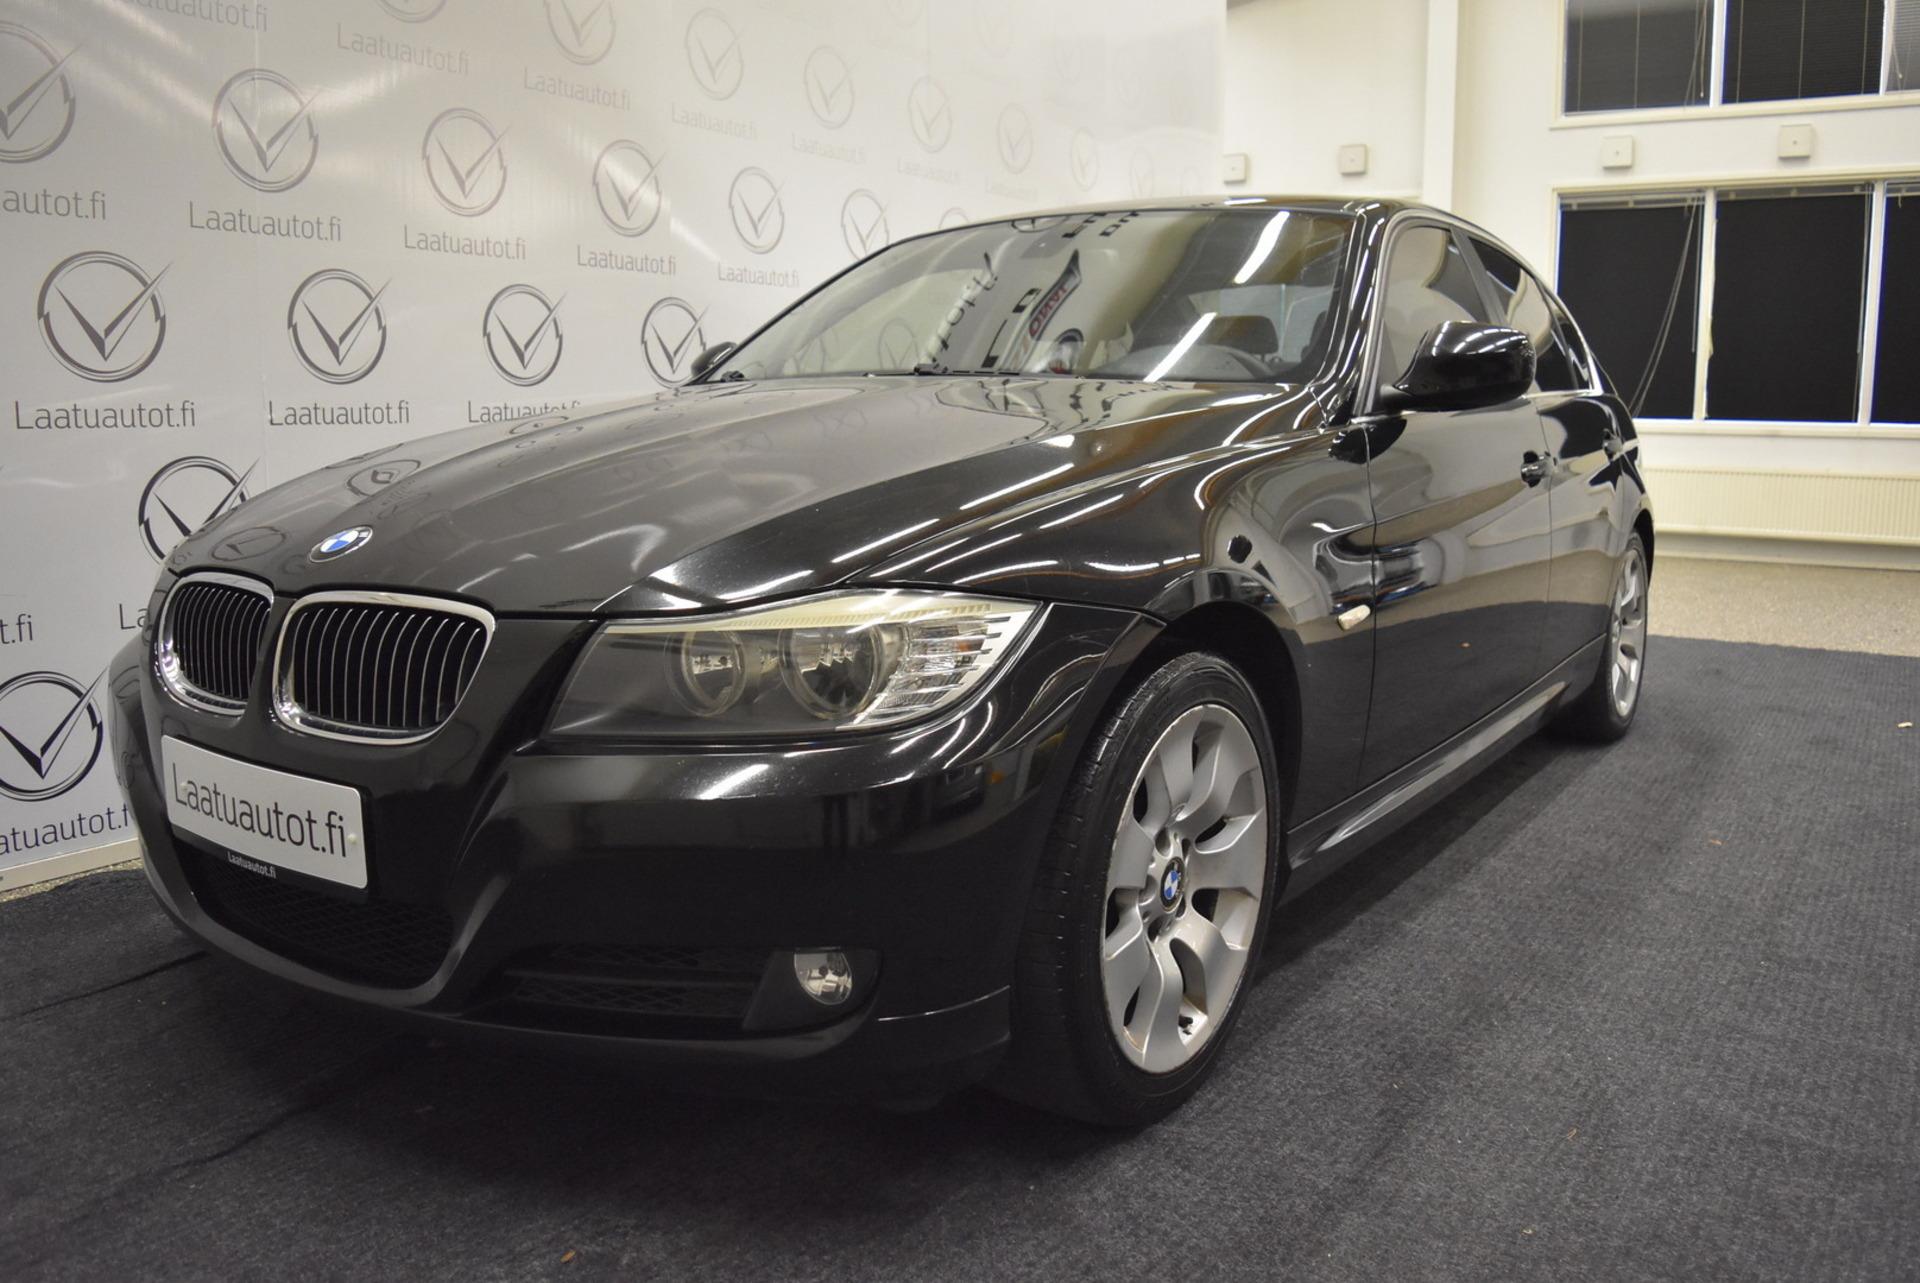 BMW 325 E90 Sedan - Vaihto ja Rahoitus,  jopa ilman käsirahaa! Korko: 1, 89%!